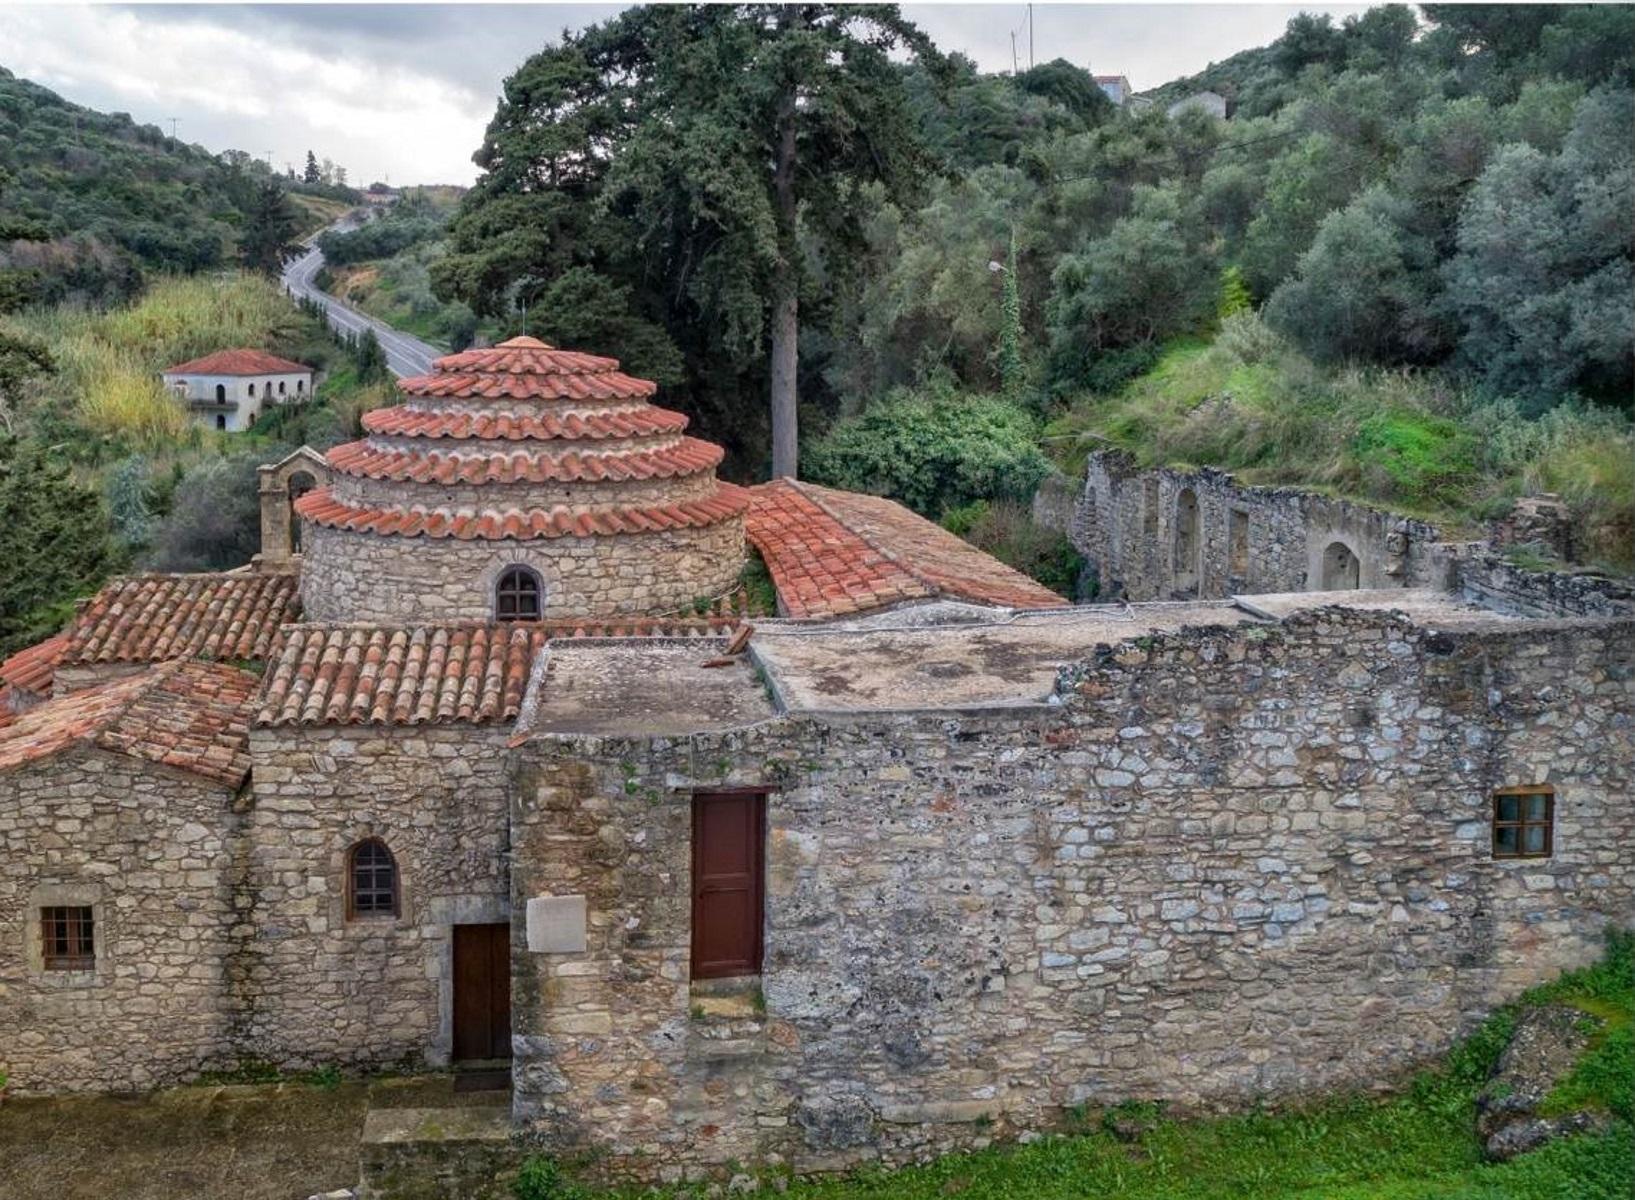 Χανιά: Ο επισκέψιμος παλαιοχριστιανικός Ναός του 6ου Αιώνα